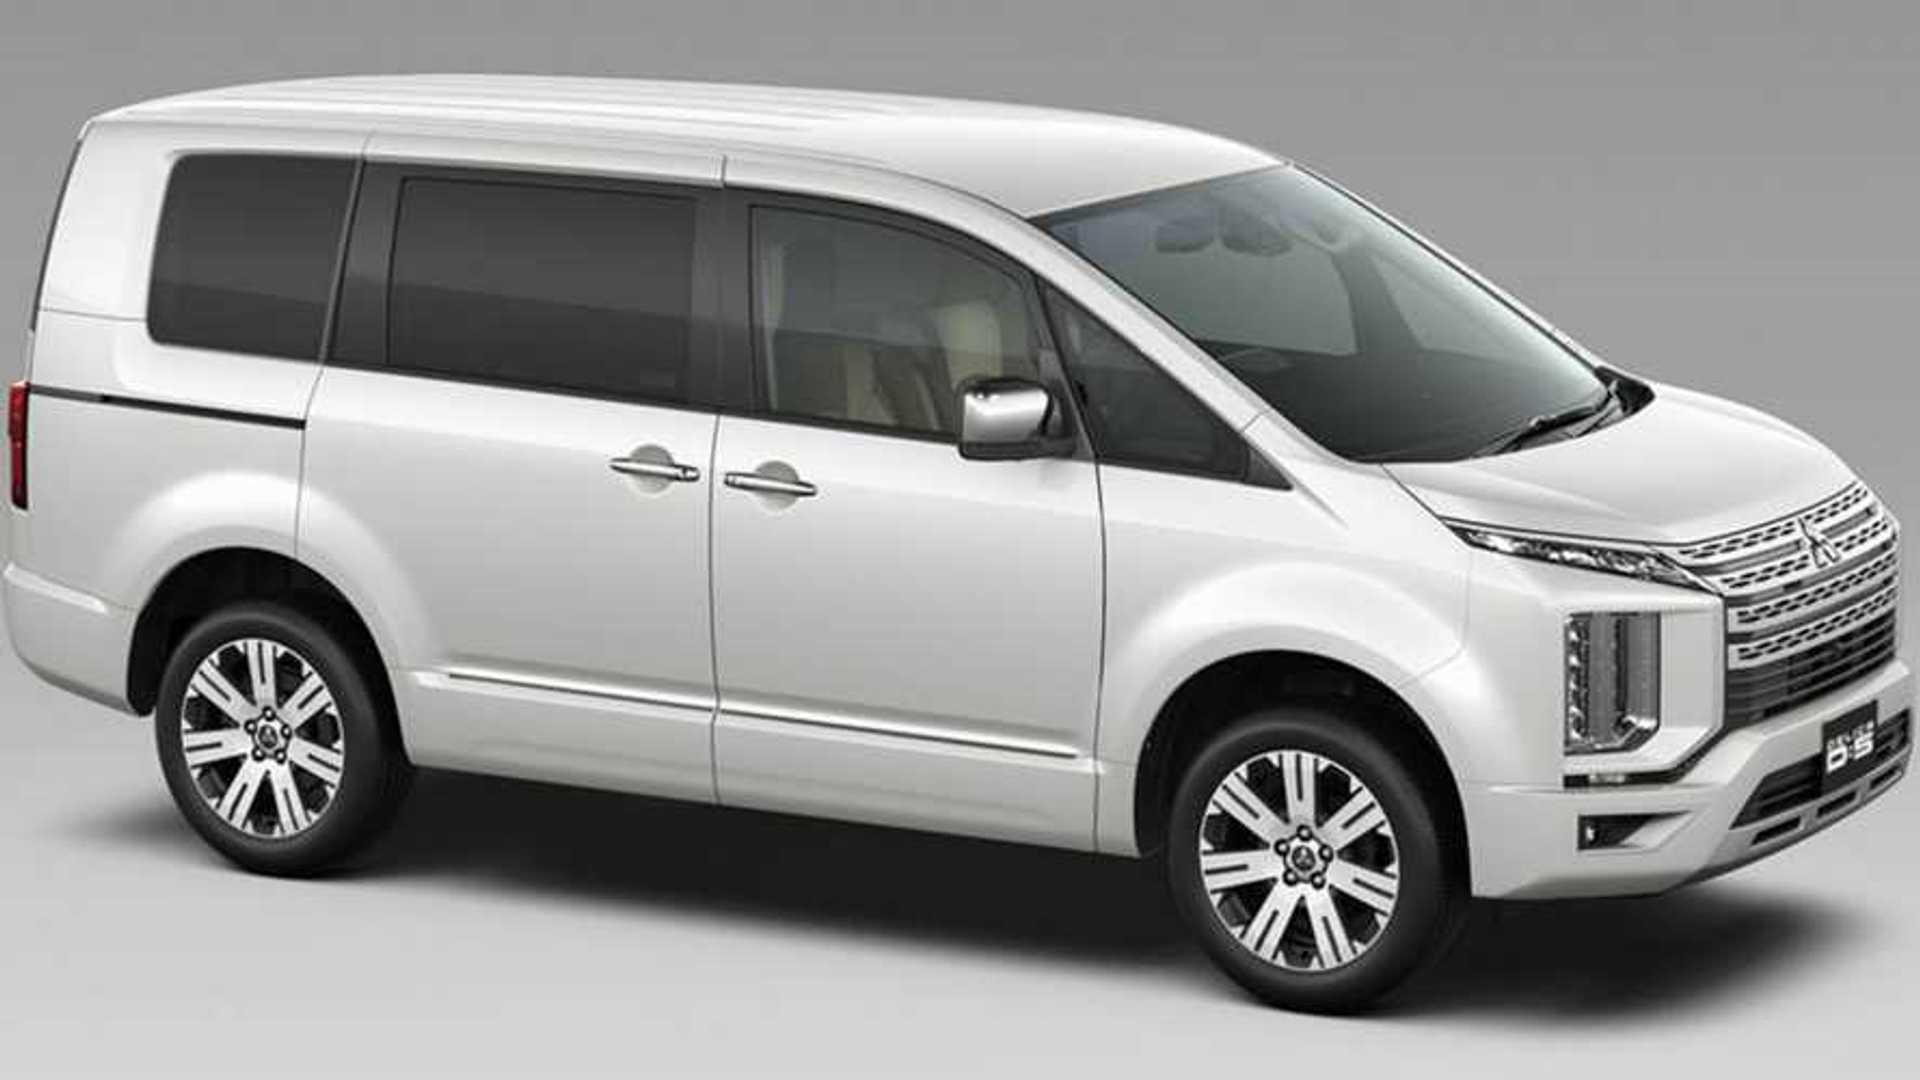 New Mitsubishi D 5 Delica Is A Pure Suv Antidote